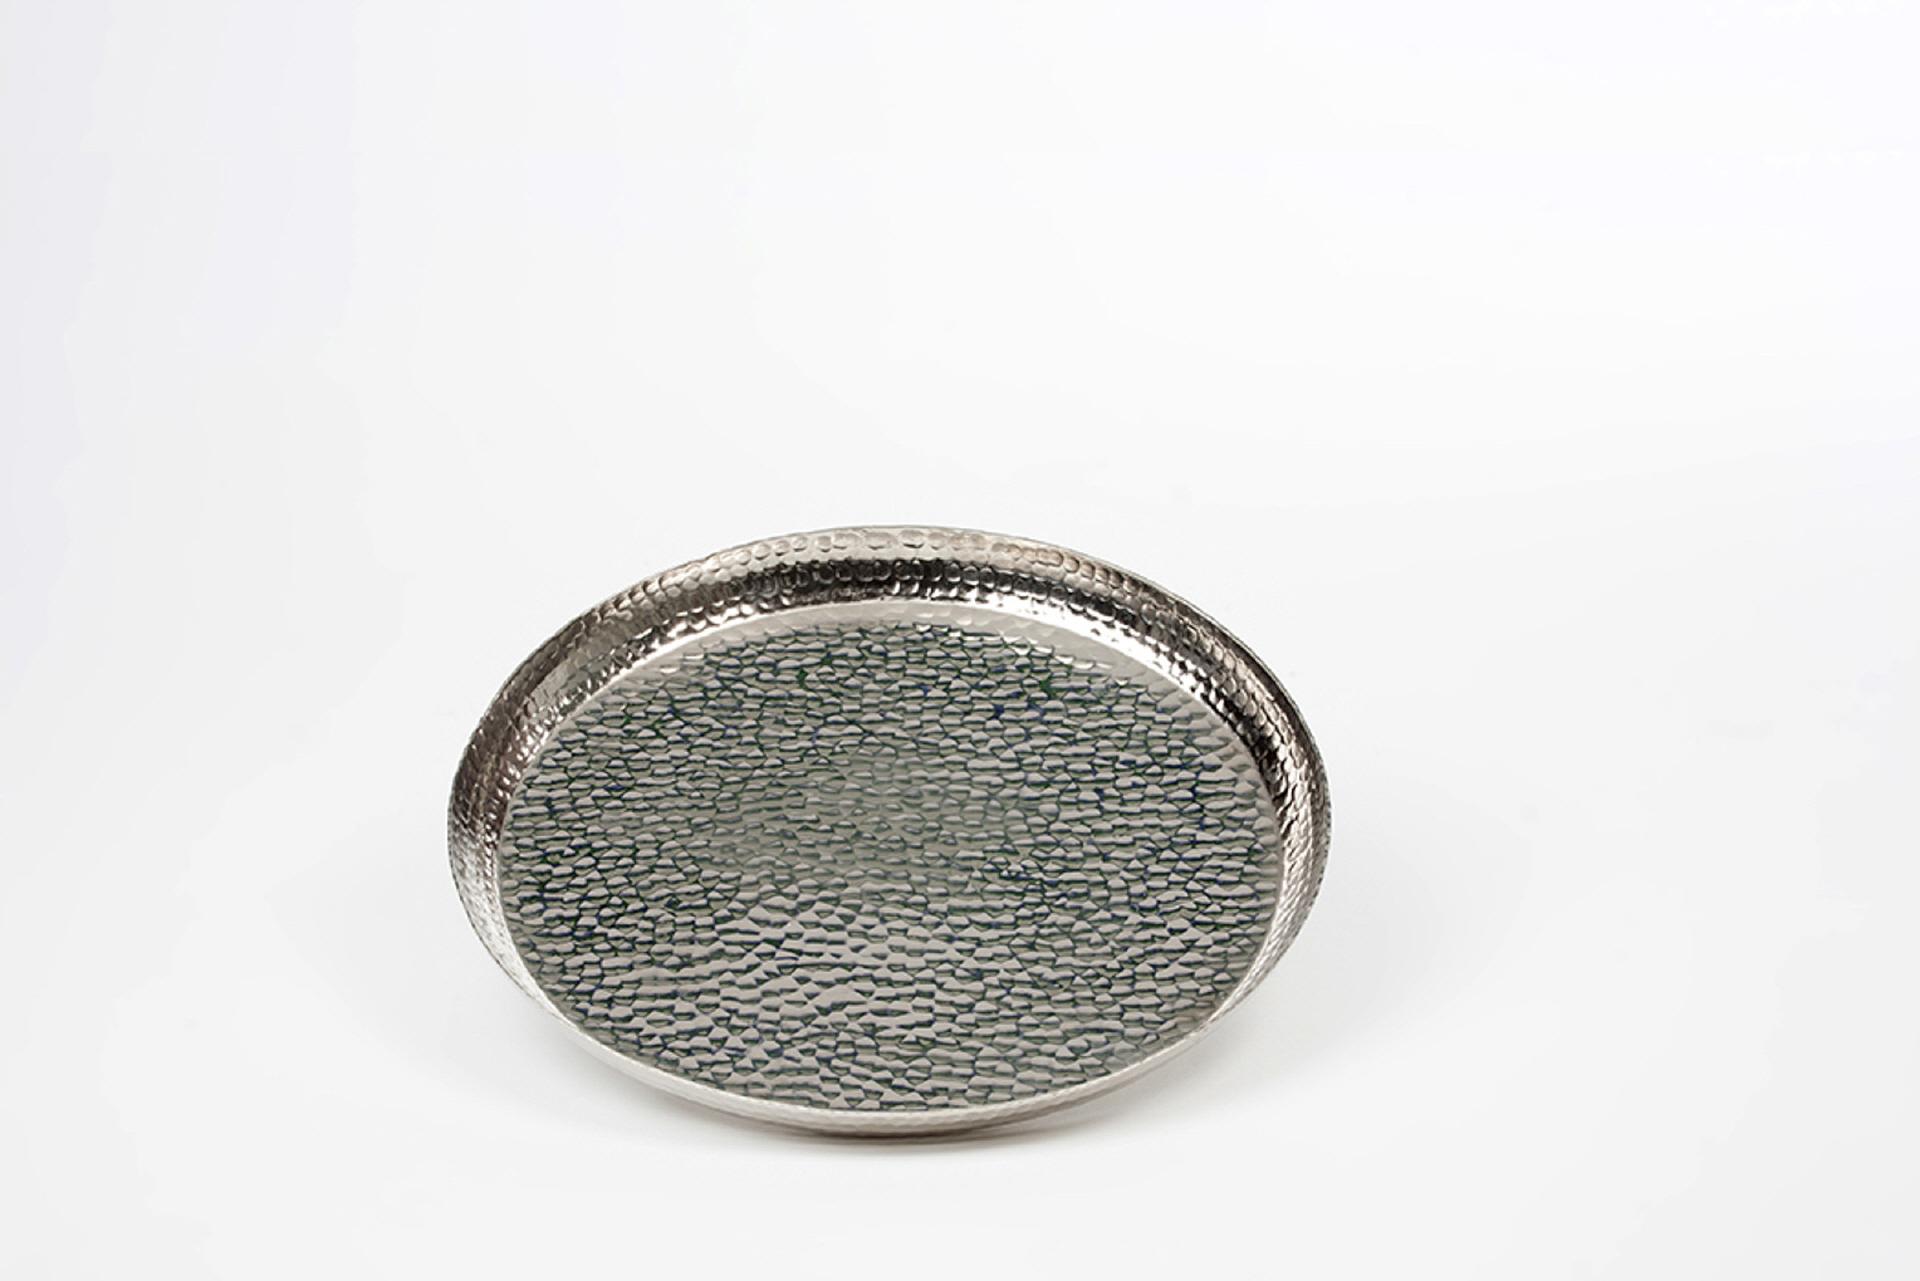 tablett rund 36 0 cm hammerschlag struktur stylisch lifestyle aus silber. Black Bedroom Furniture Sets. Home Design Ideas